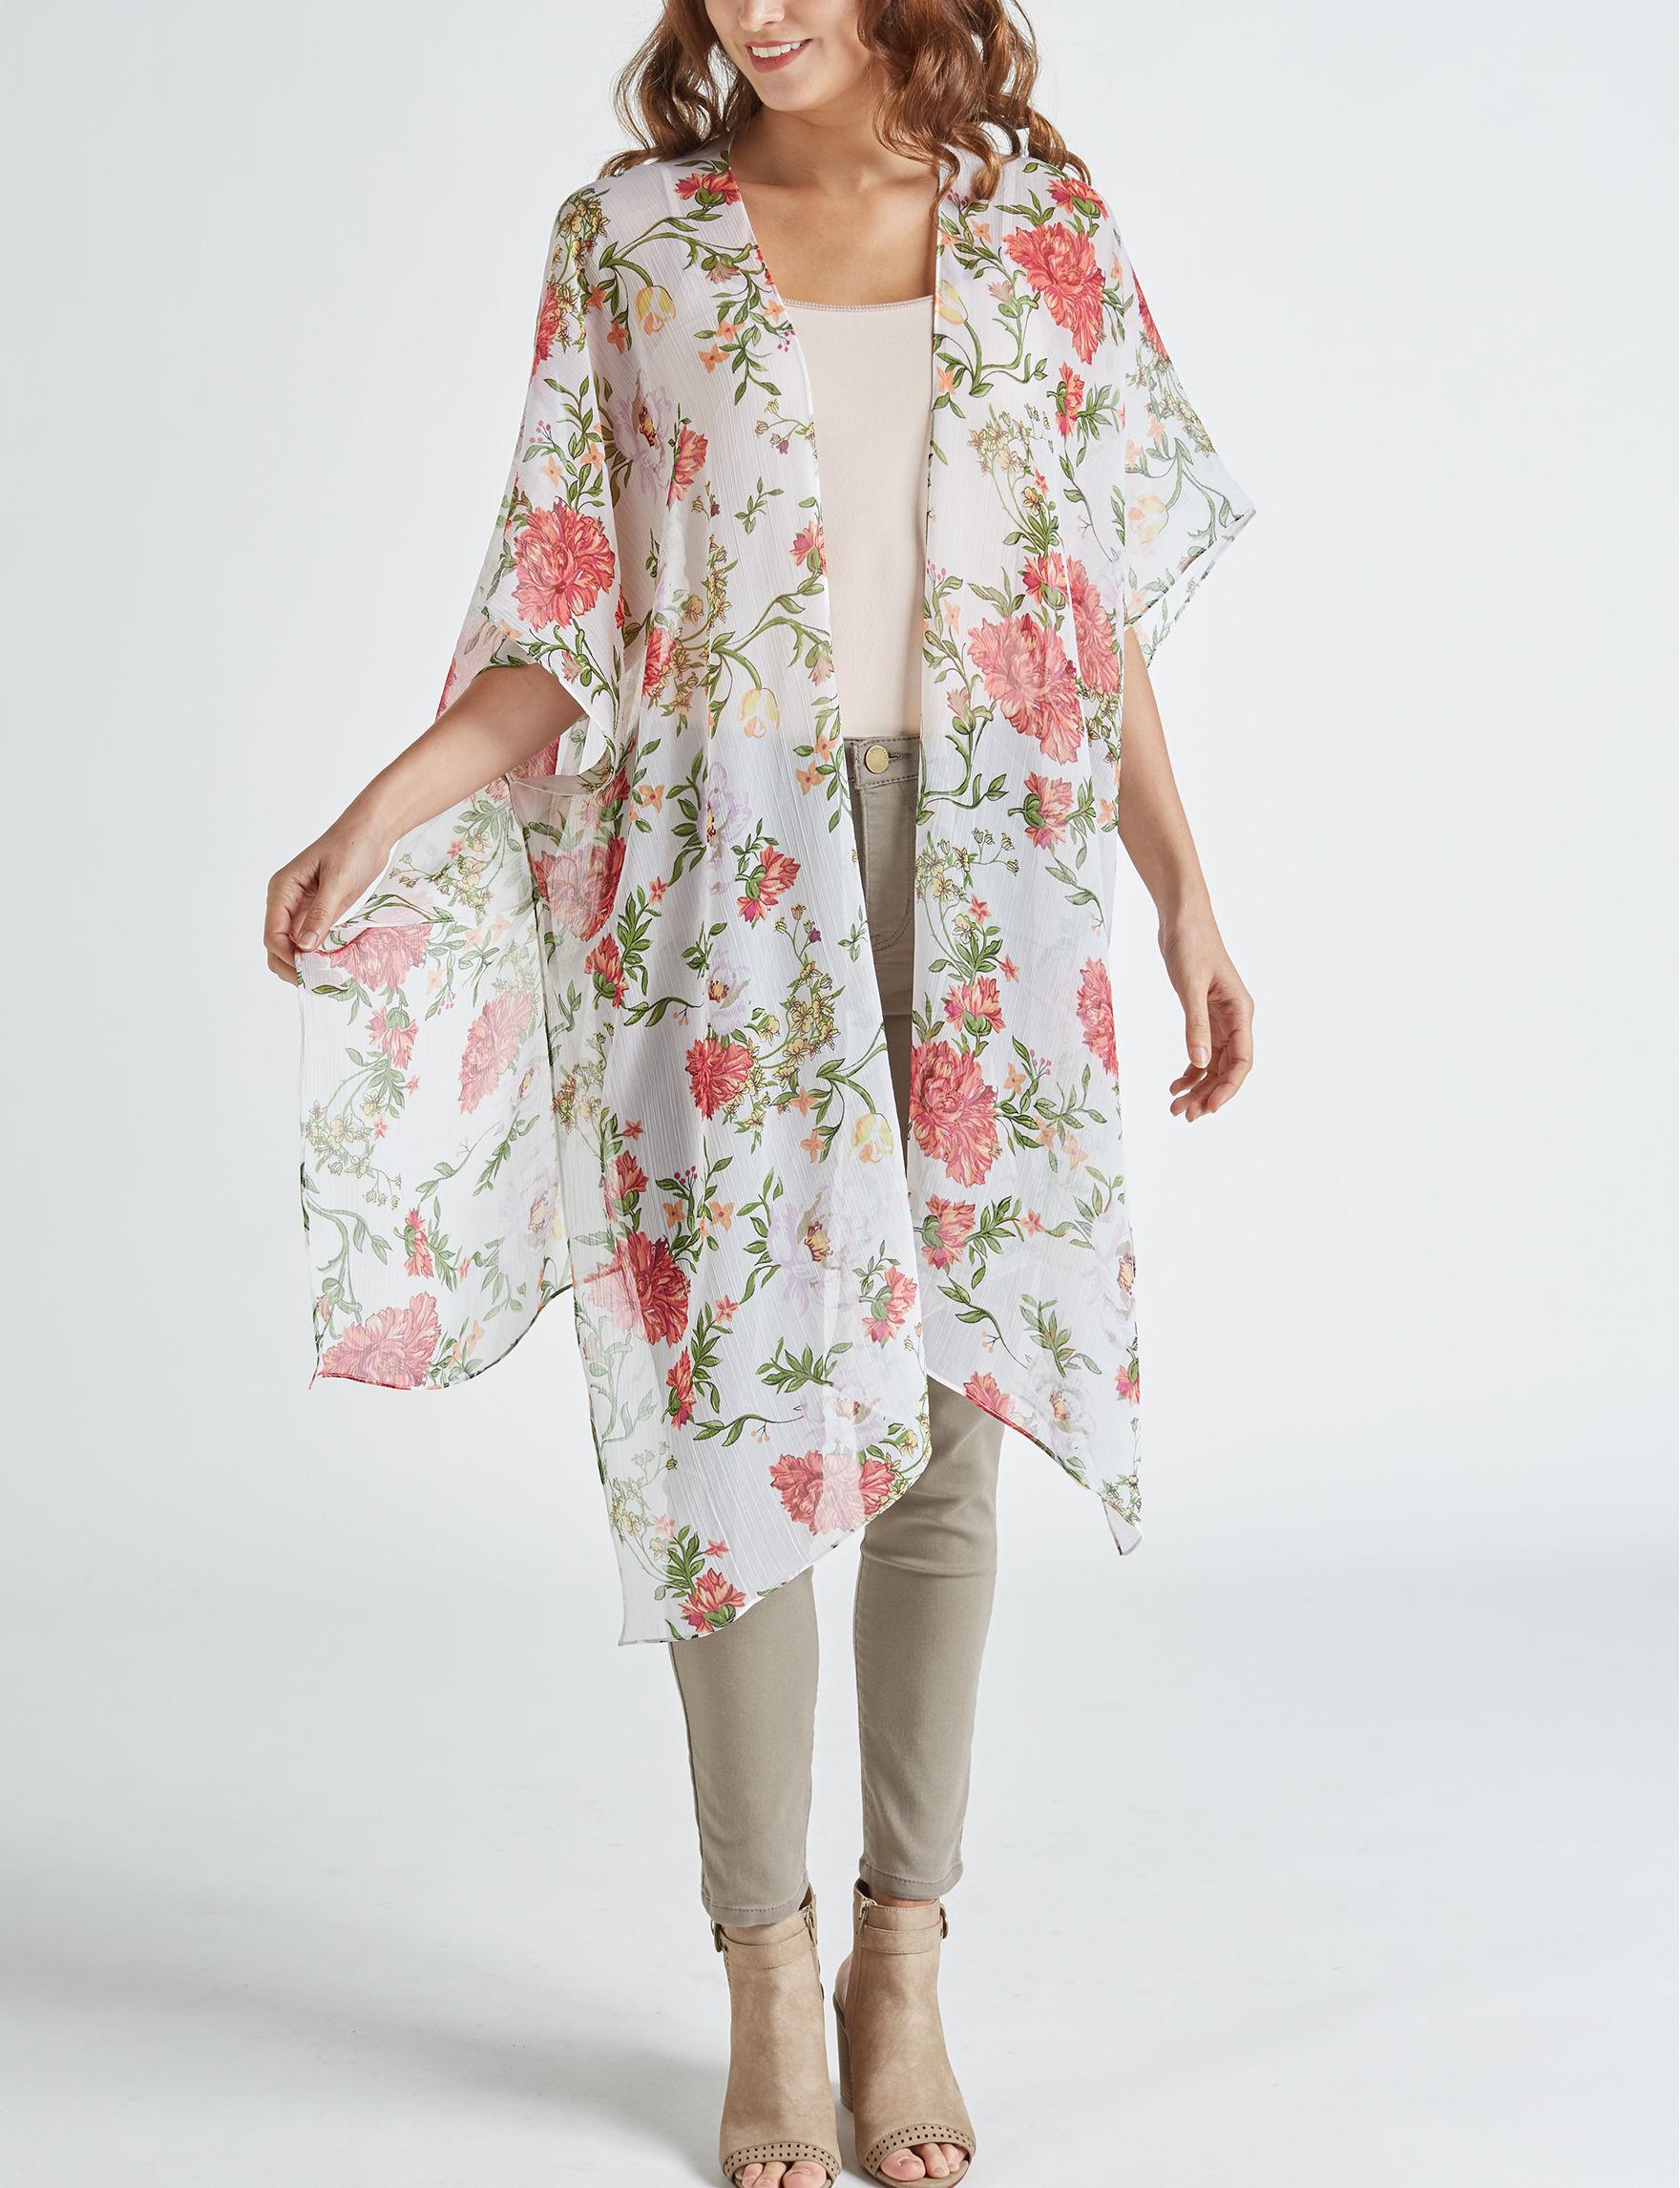 Cejon White / Pink Kimonos & Toppers